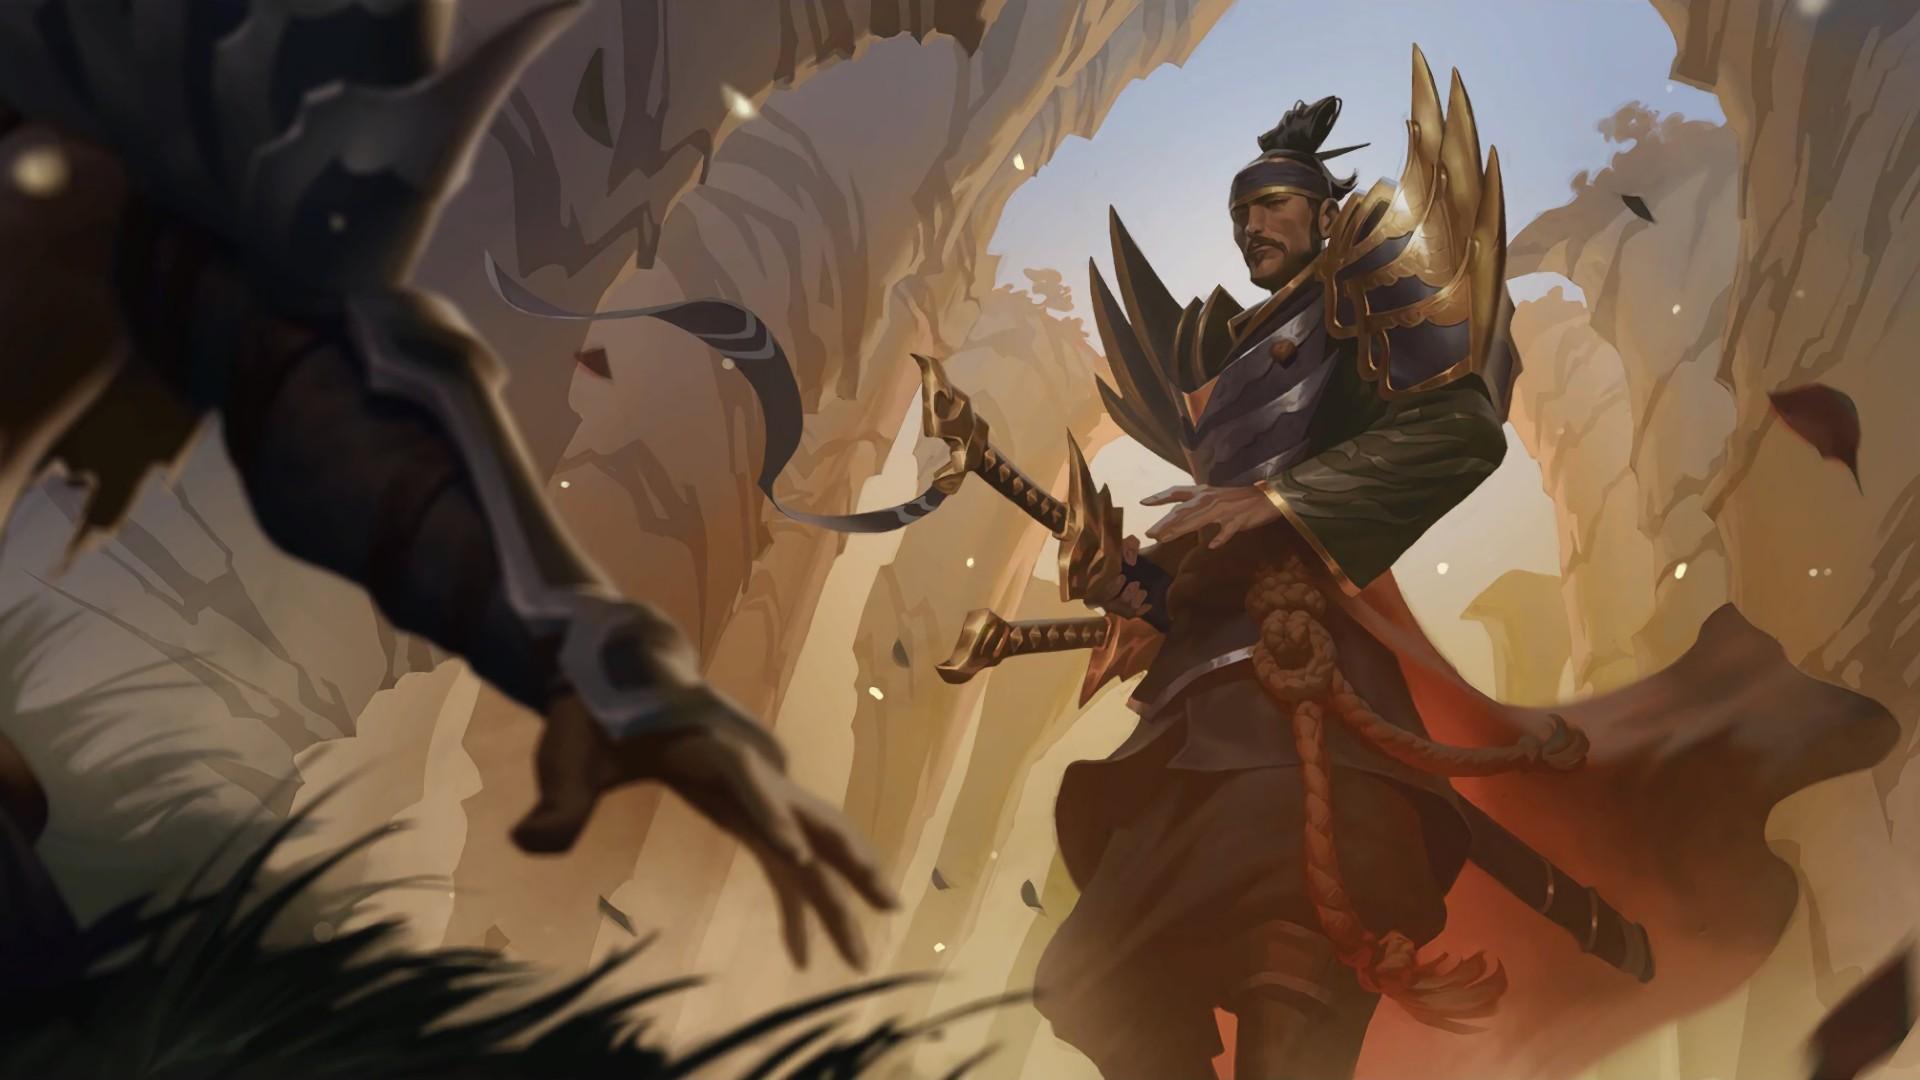 Yone art in Legends of Runeterra